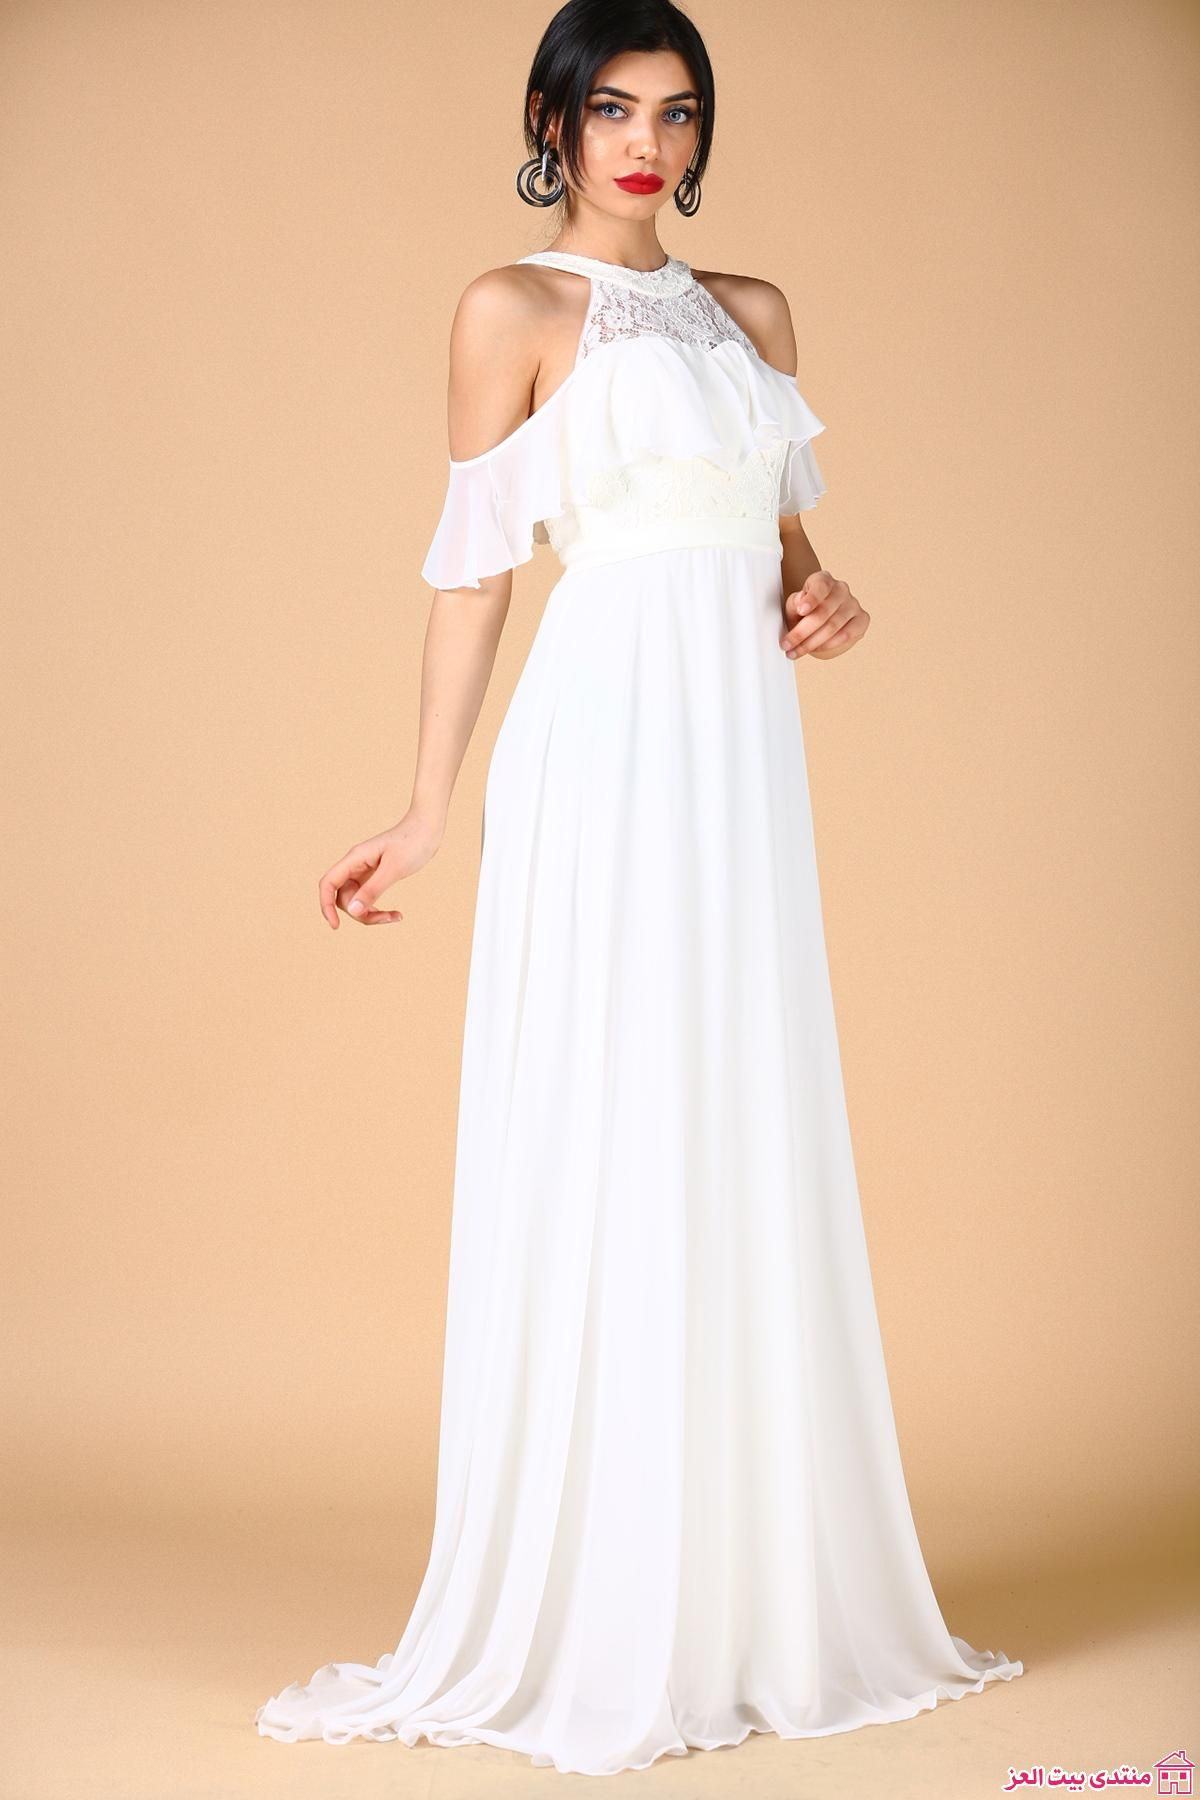 احدث موديلات ياهو نتائج البحث عن الصور Dresses Shoulder Dress Cold Shoulder Dress